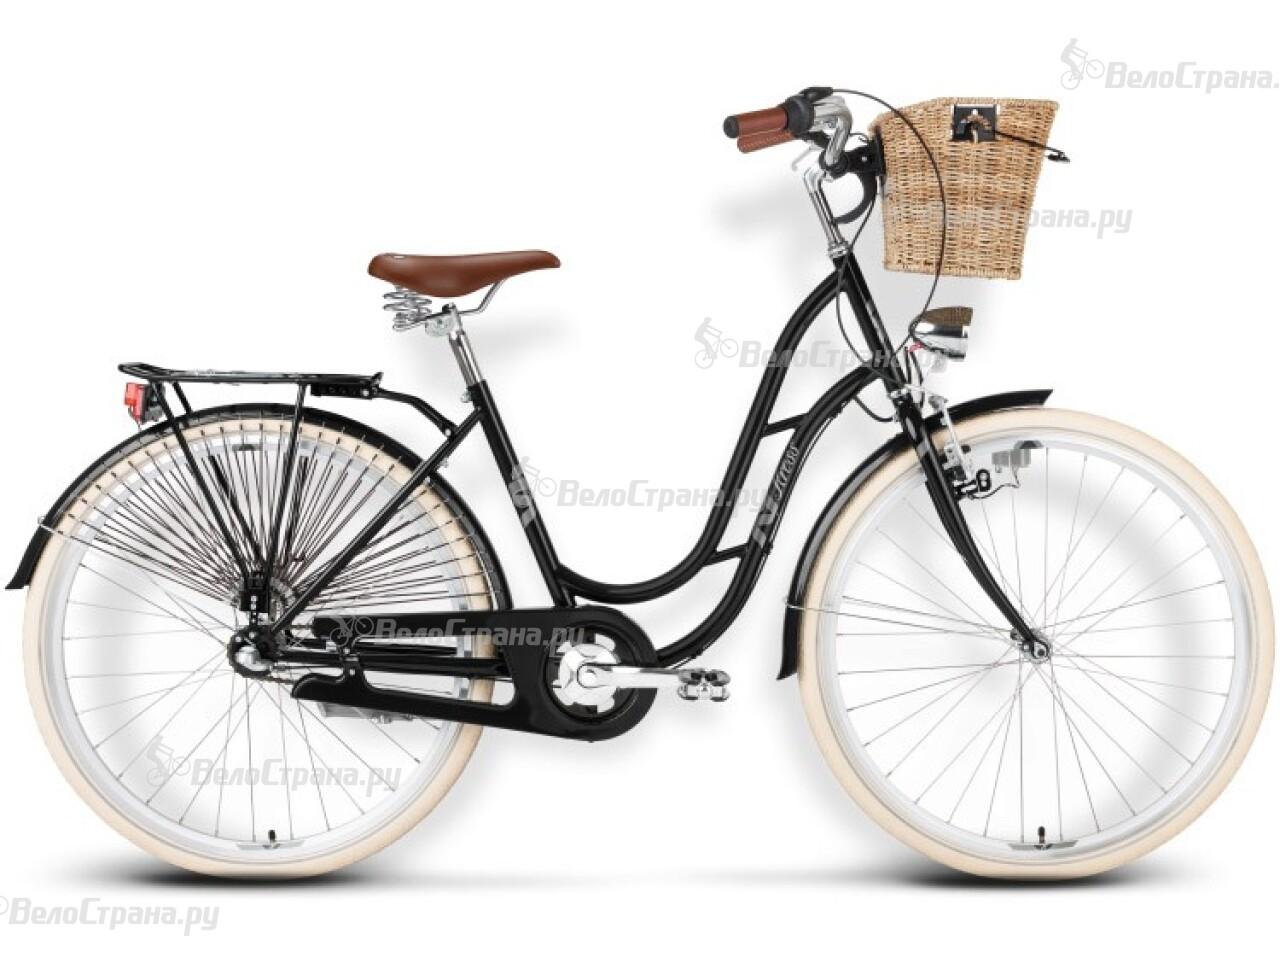 Велосипед Kross Classico III (2015) велосипед kross classico iii 2015